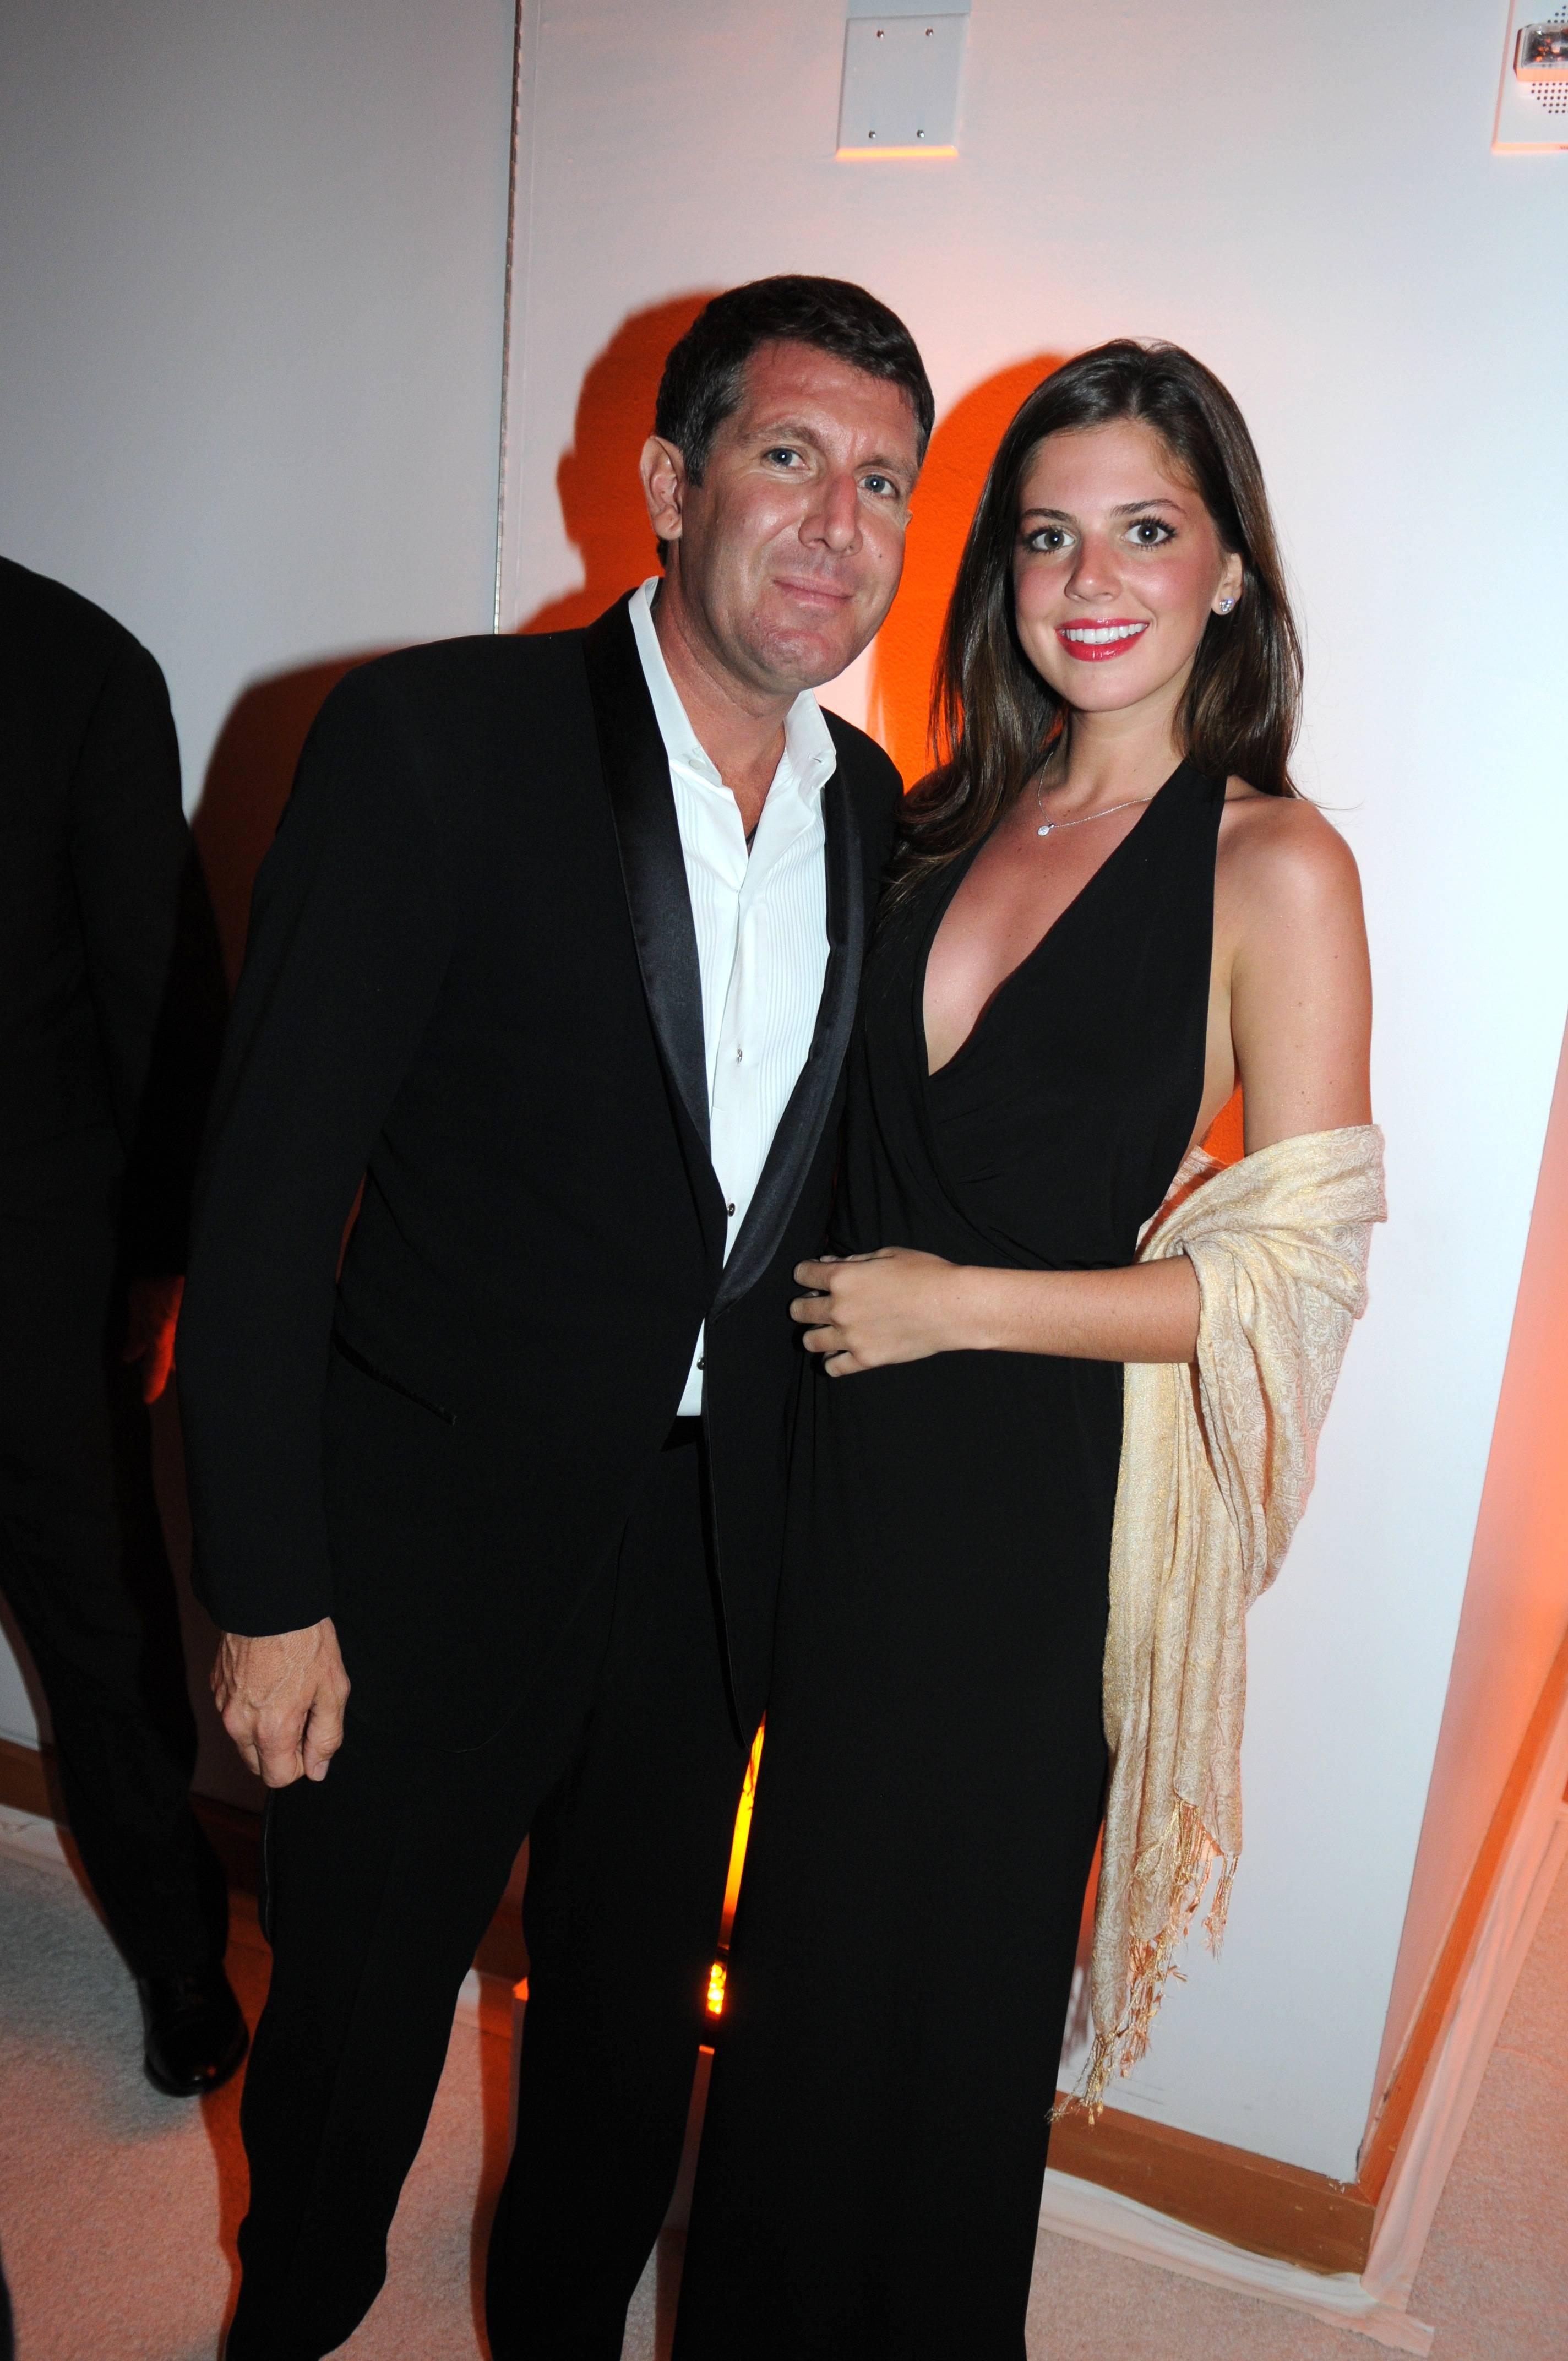 Michael Capponi, Lauren Fitzpatrick